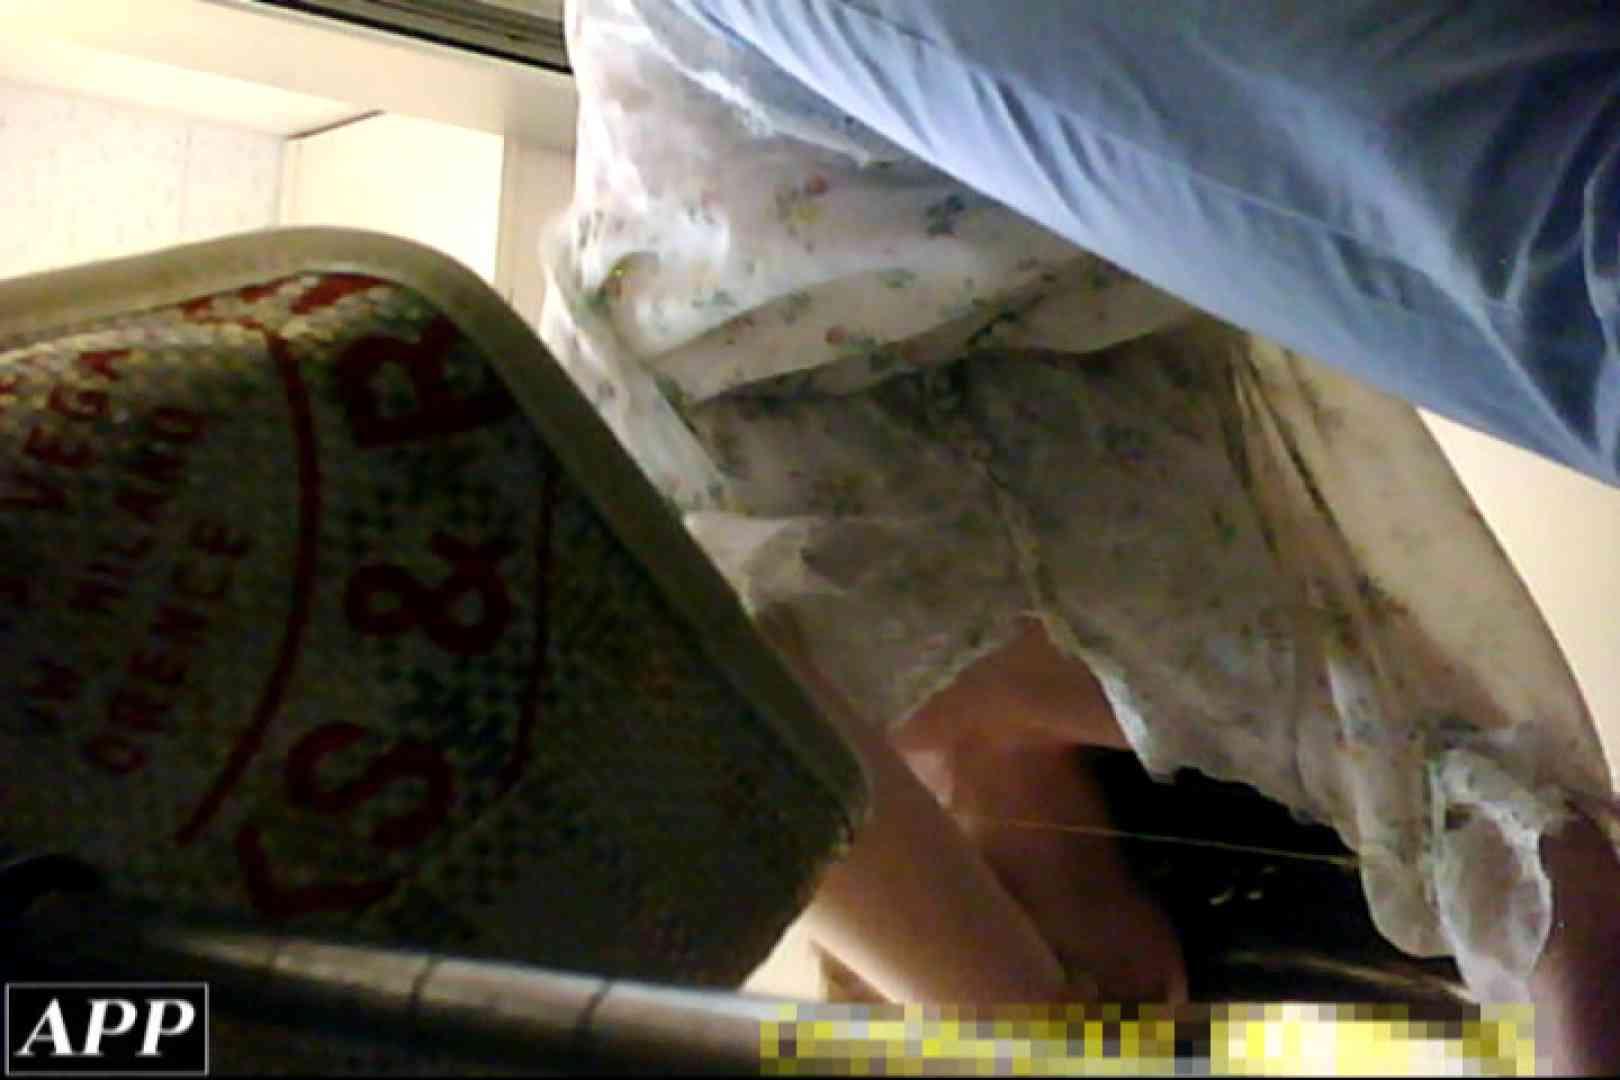 3視点洗面所 vol.125 無修正オマンコ セックス画像 104画像 52